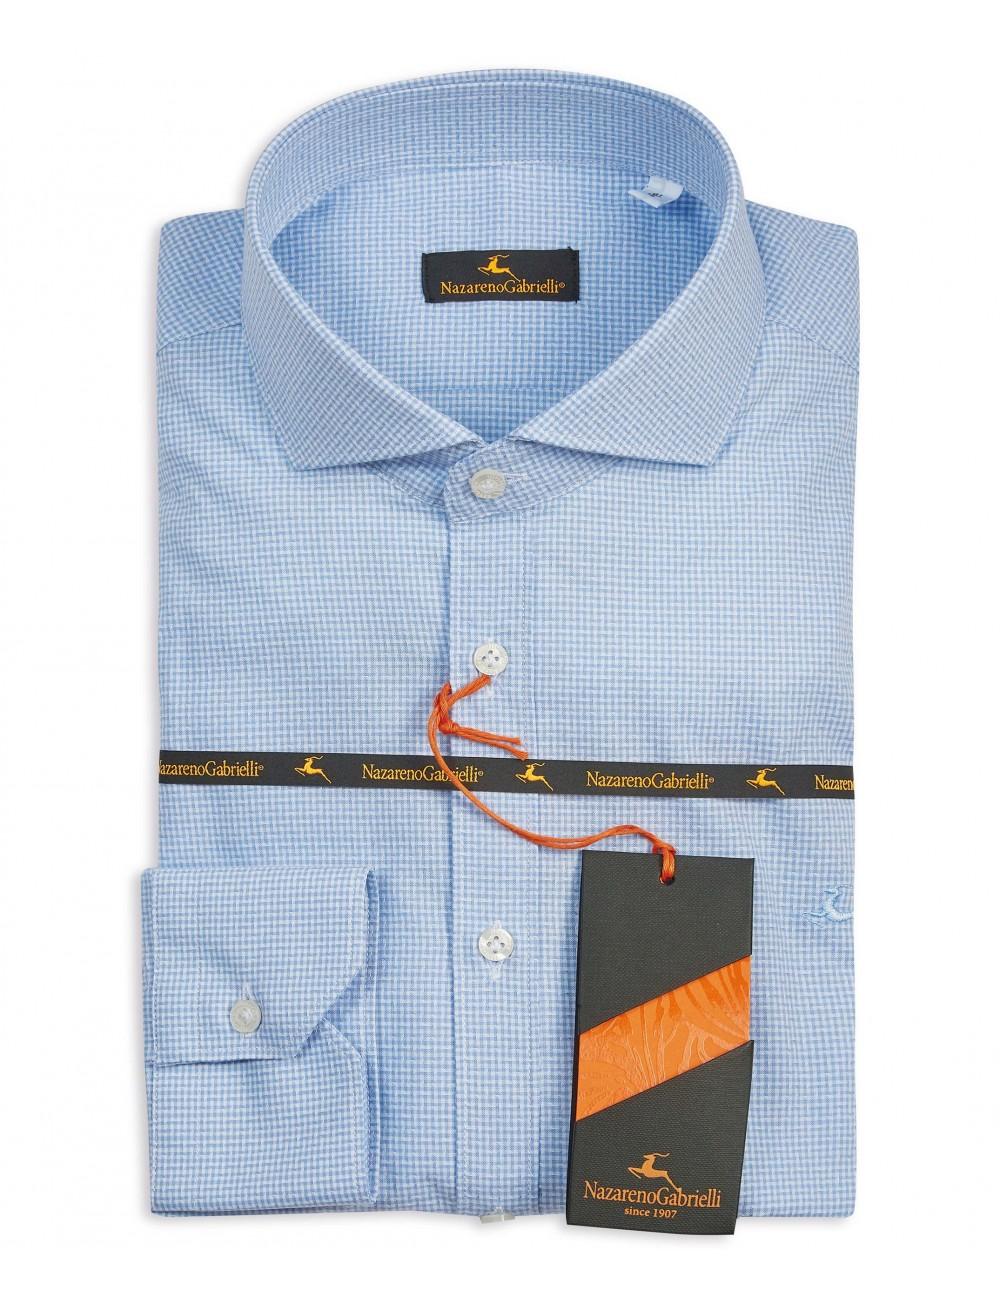 Abbigliamento e accessori uomo per Nazareno Gabrielli